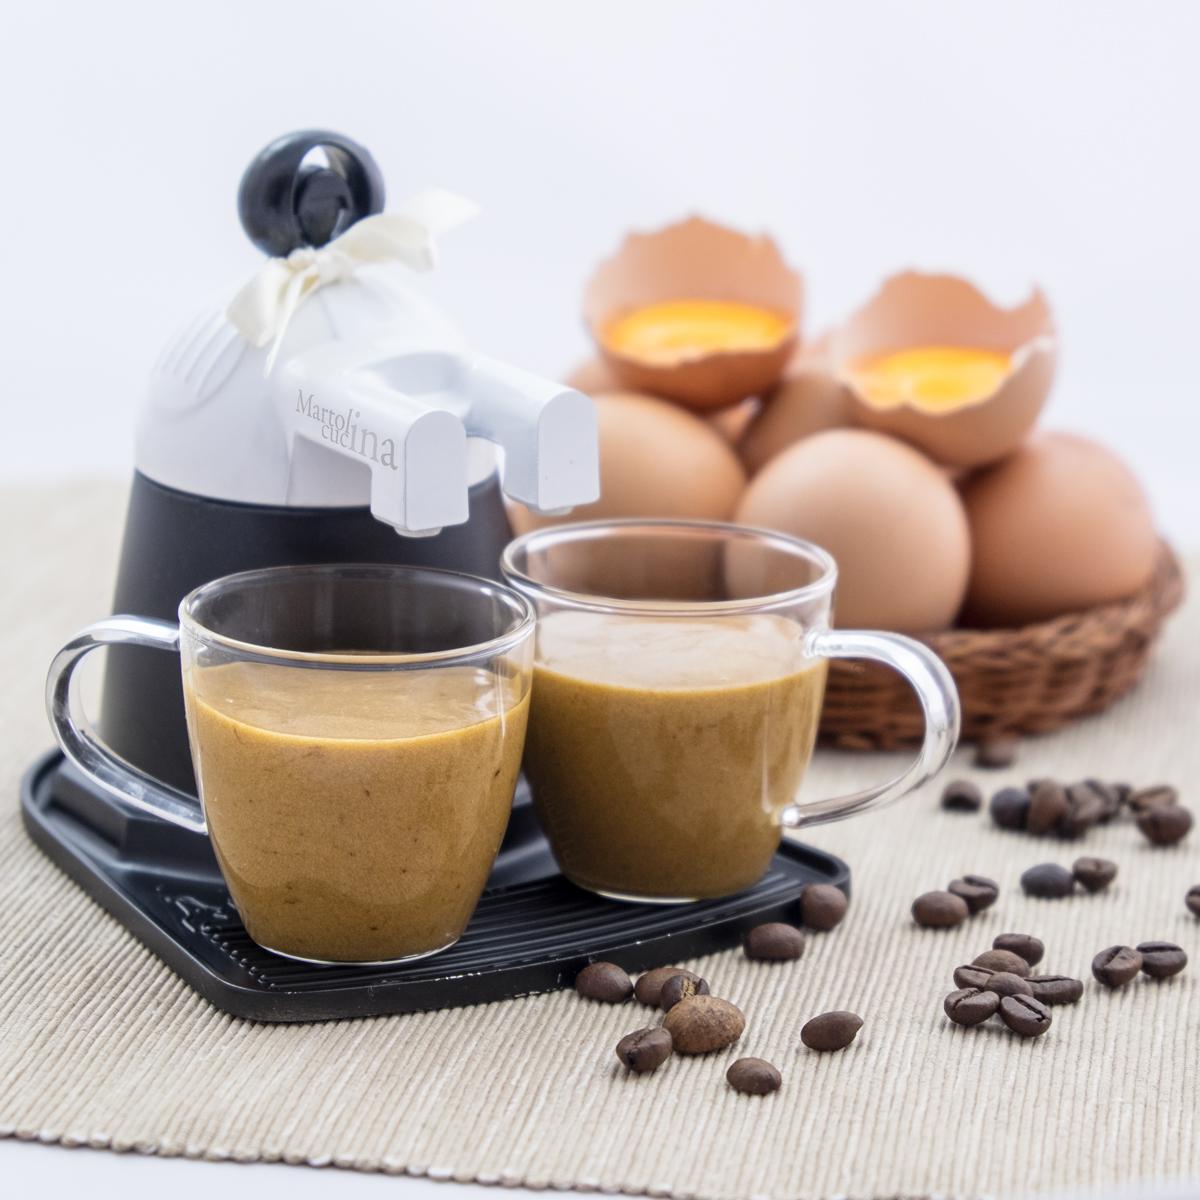 Zabaione-caffe-A1200x1200